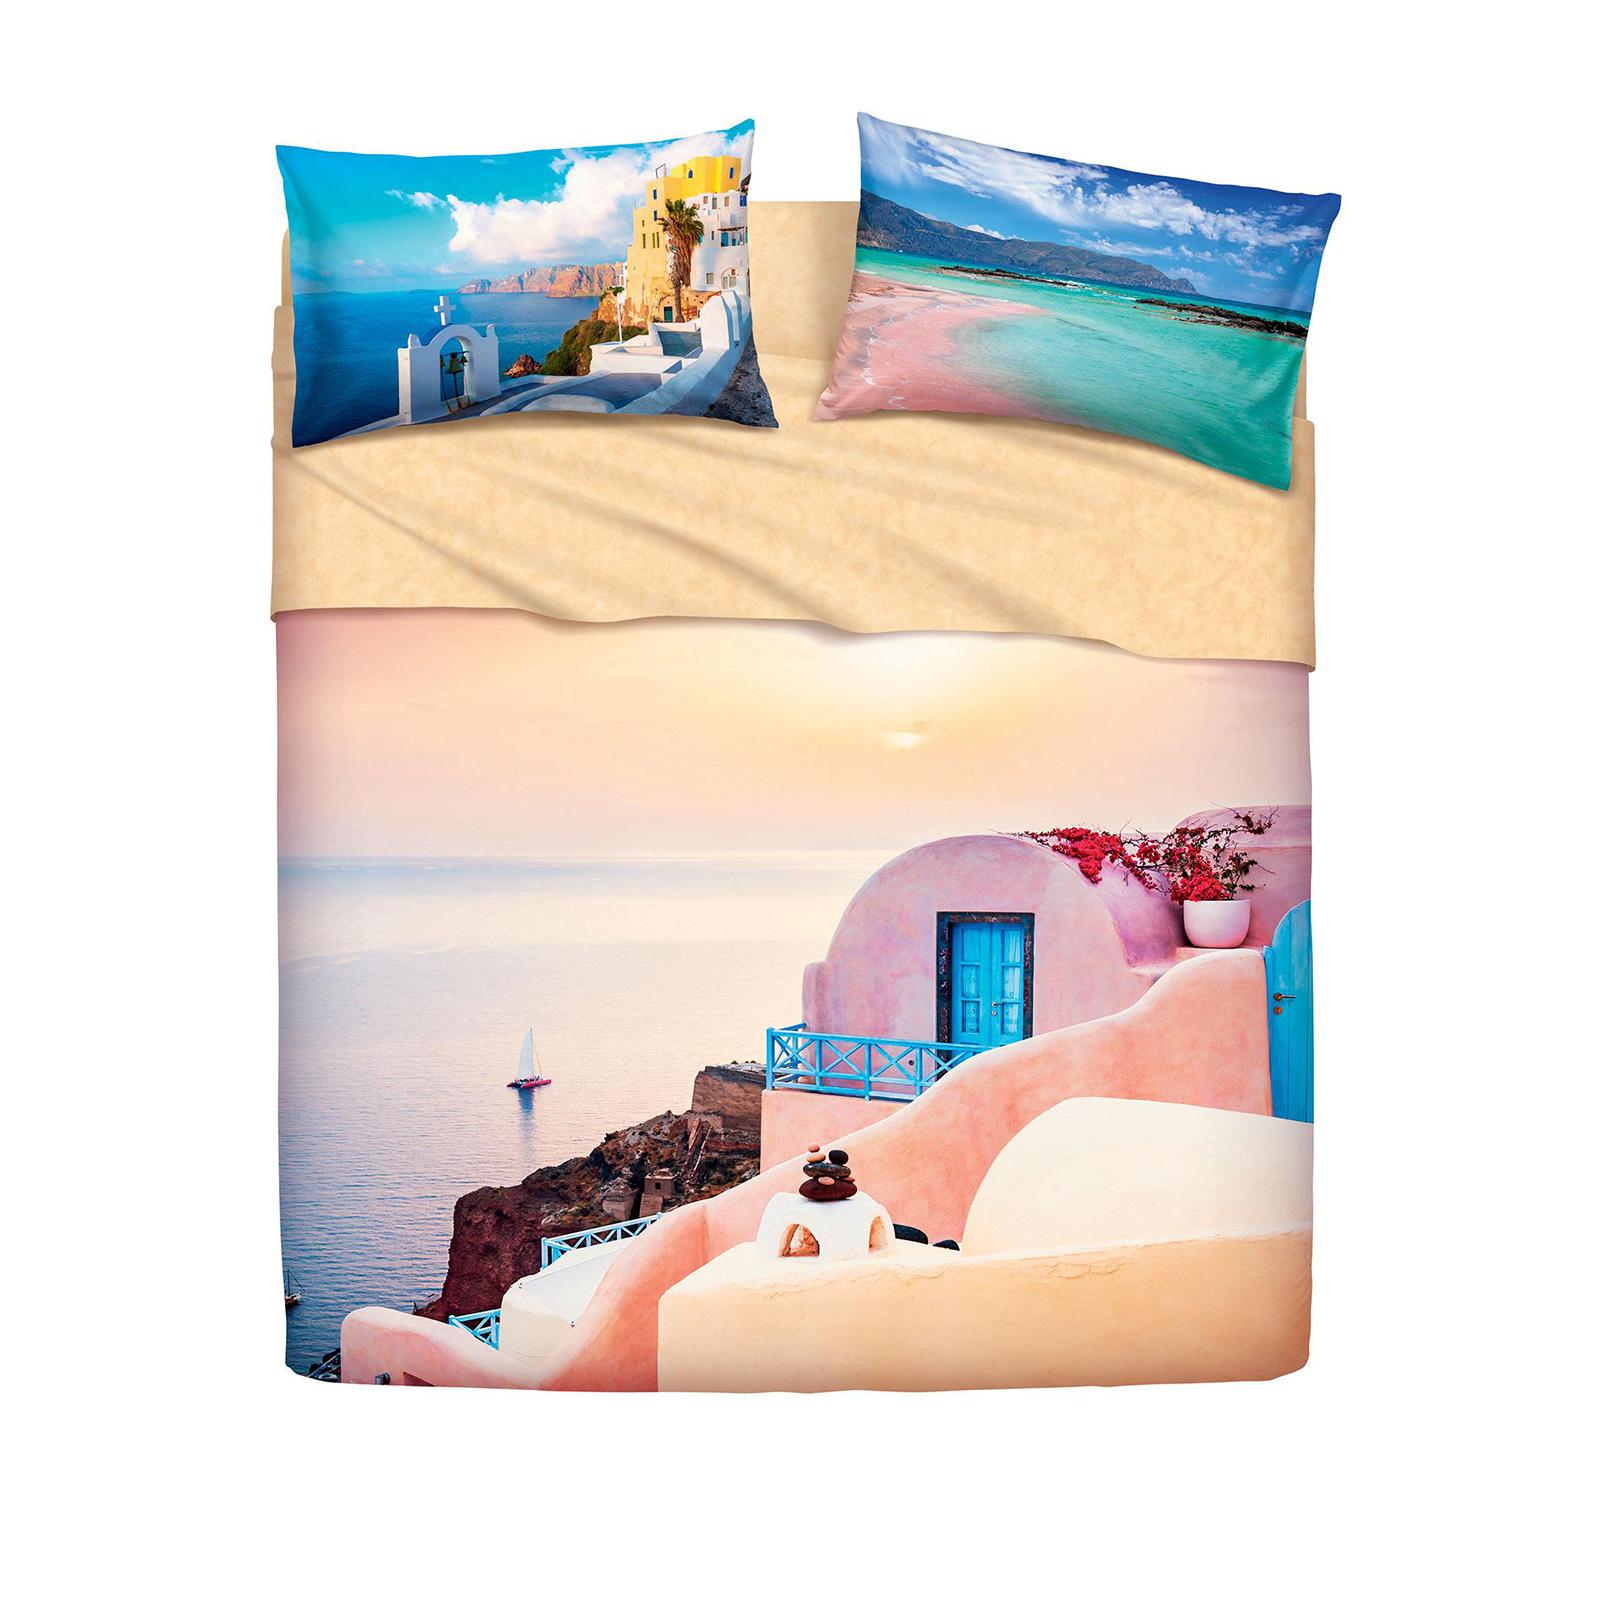 Bassetti completo letto greece santorini imagine di stefano biancheria per la casa e tende - Biancheria letto bassetti ...